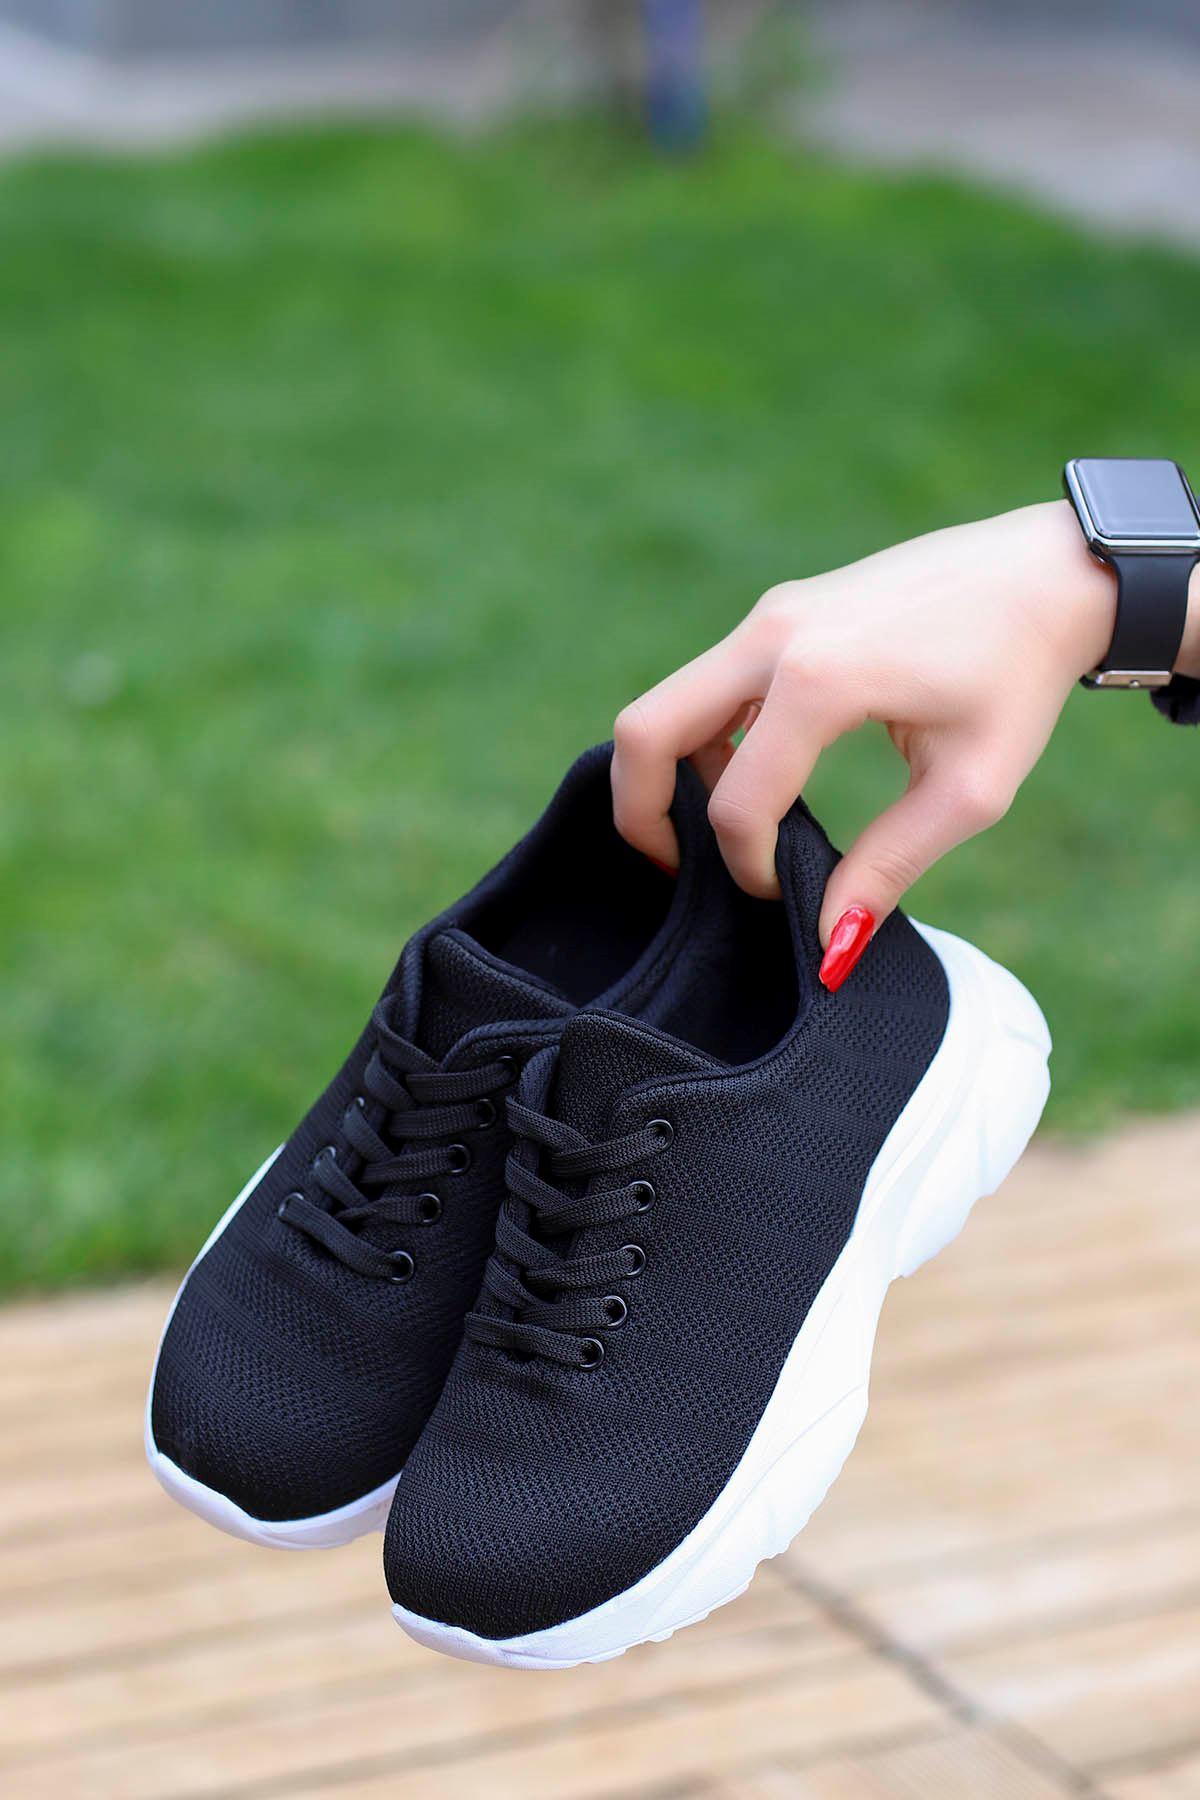 Jack Tabanlı Triko Spor Ayakkabı Siyah